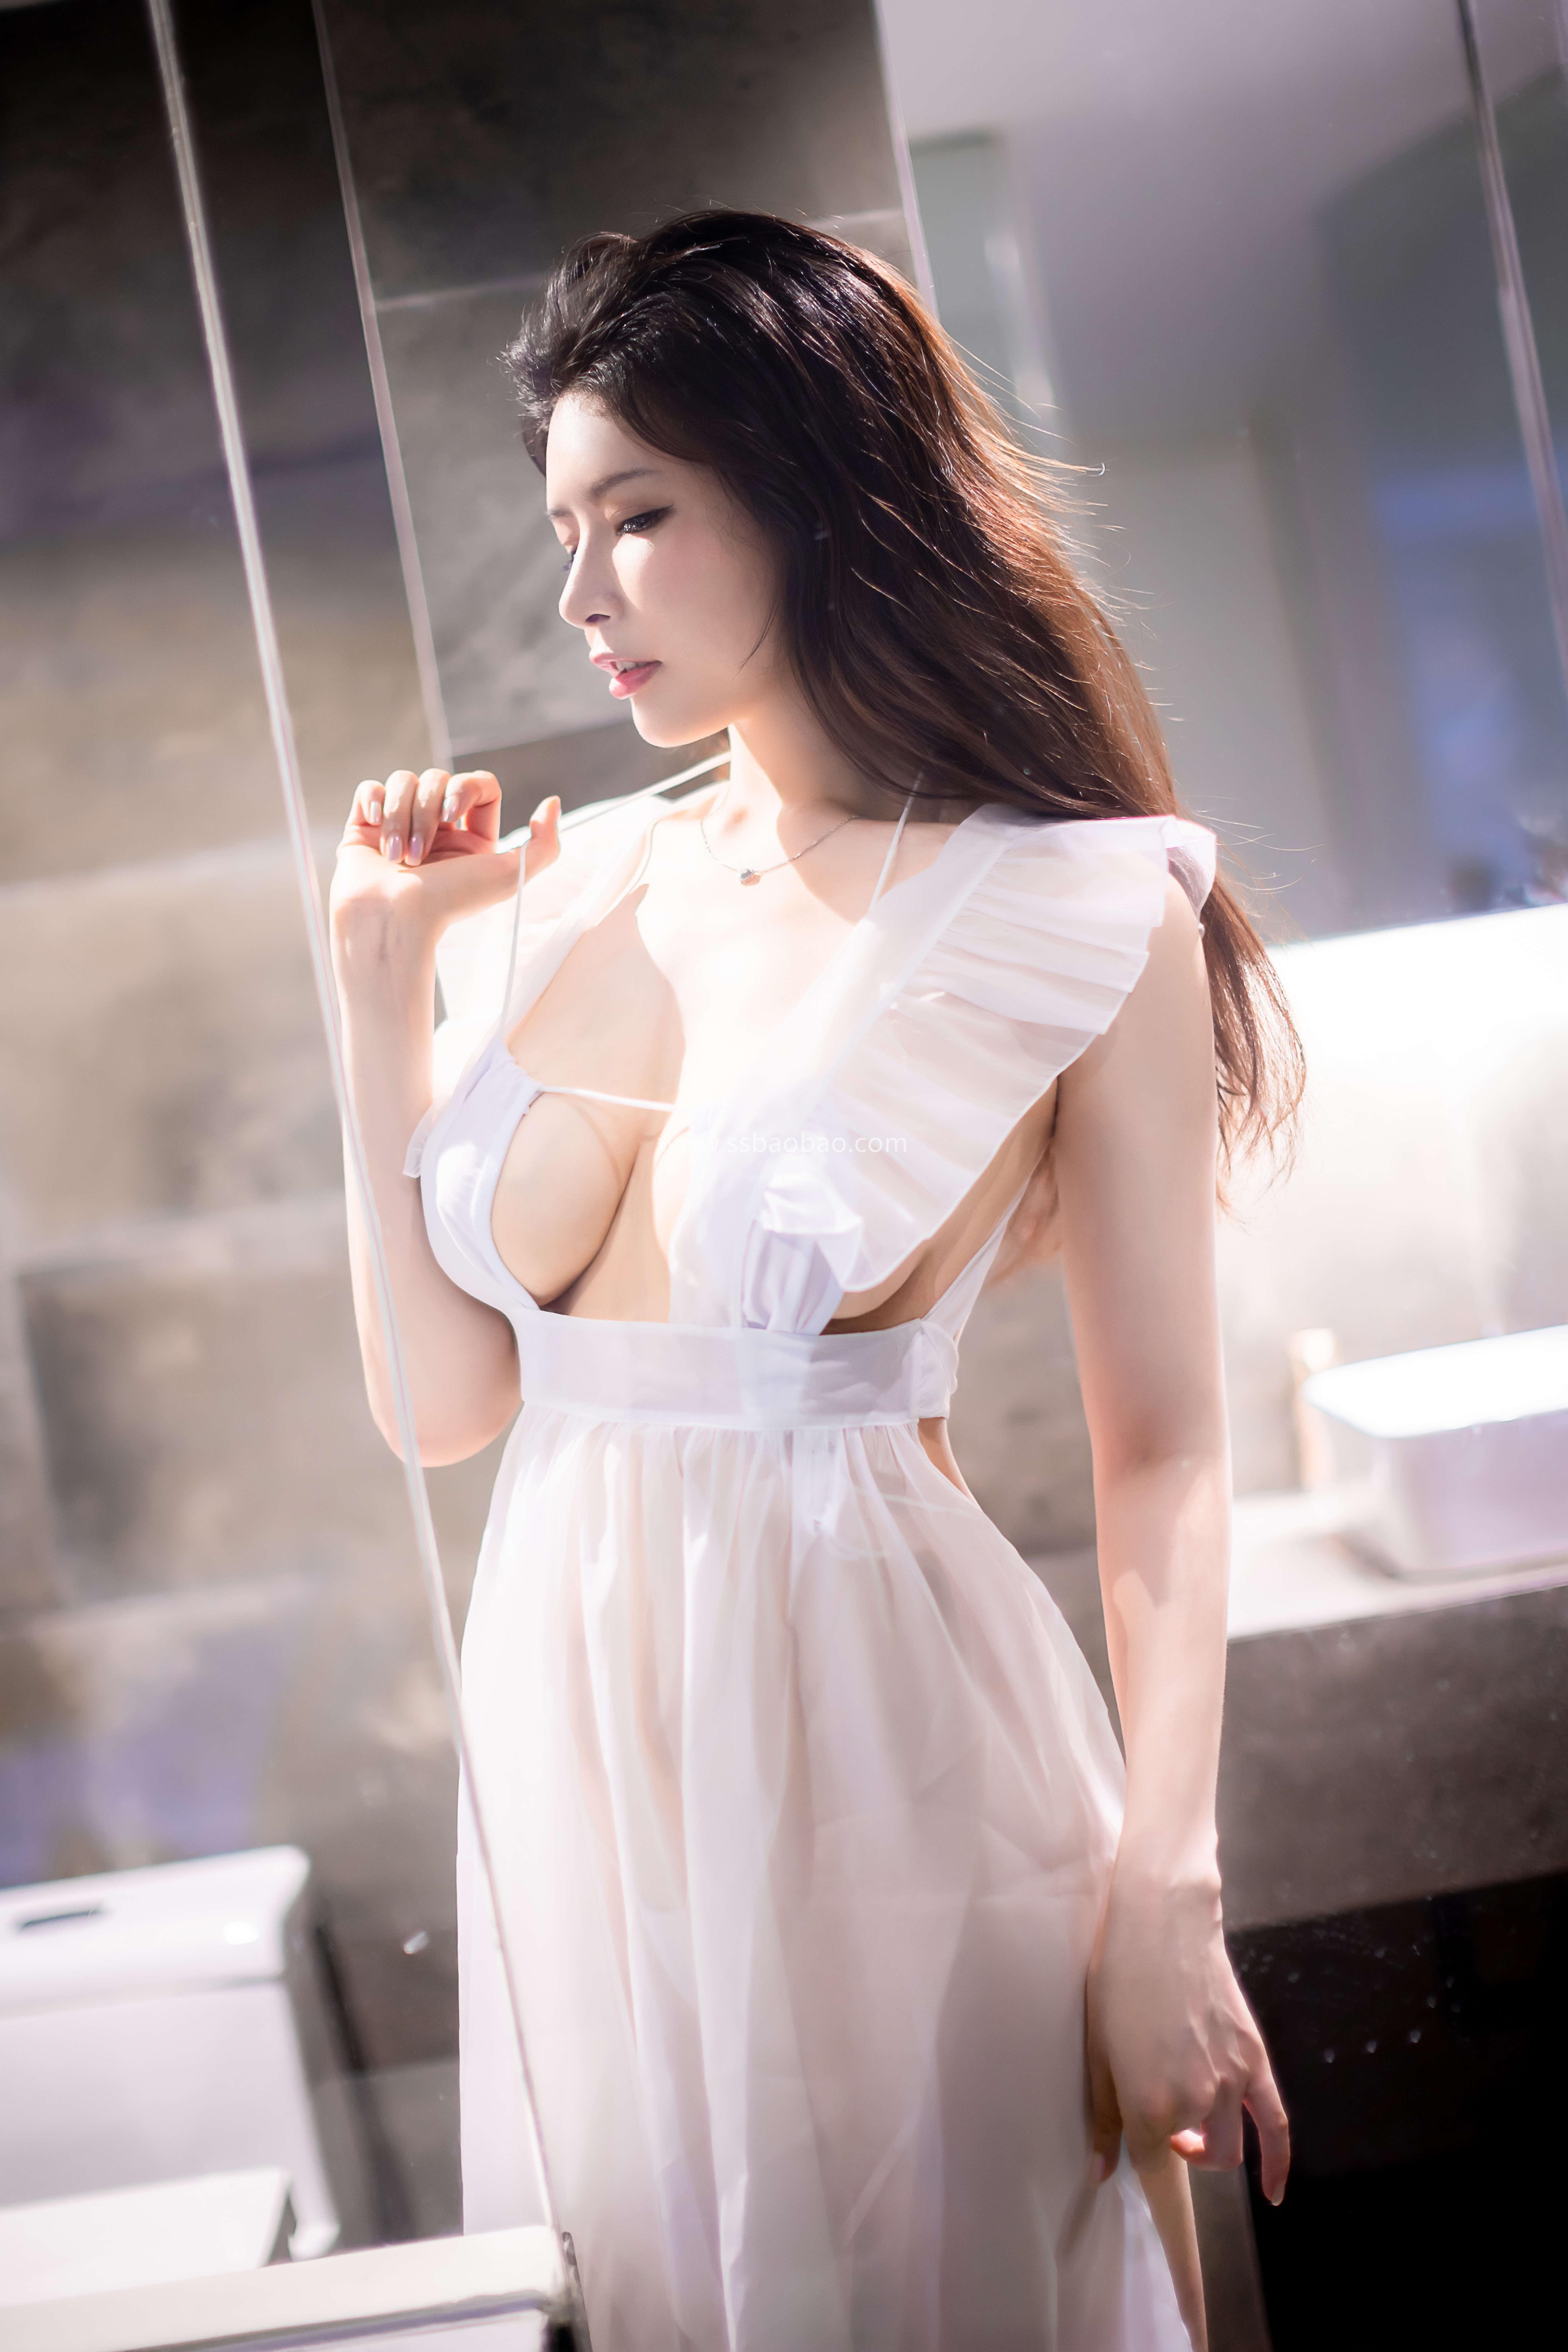 秋和柯基后期作品 H024 透明围裙2-湿漉漉的浴室[59P-1.41GB]02